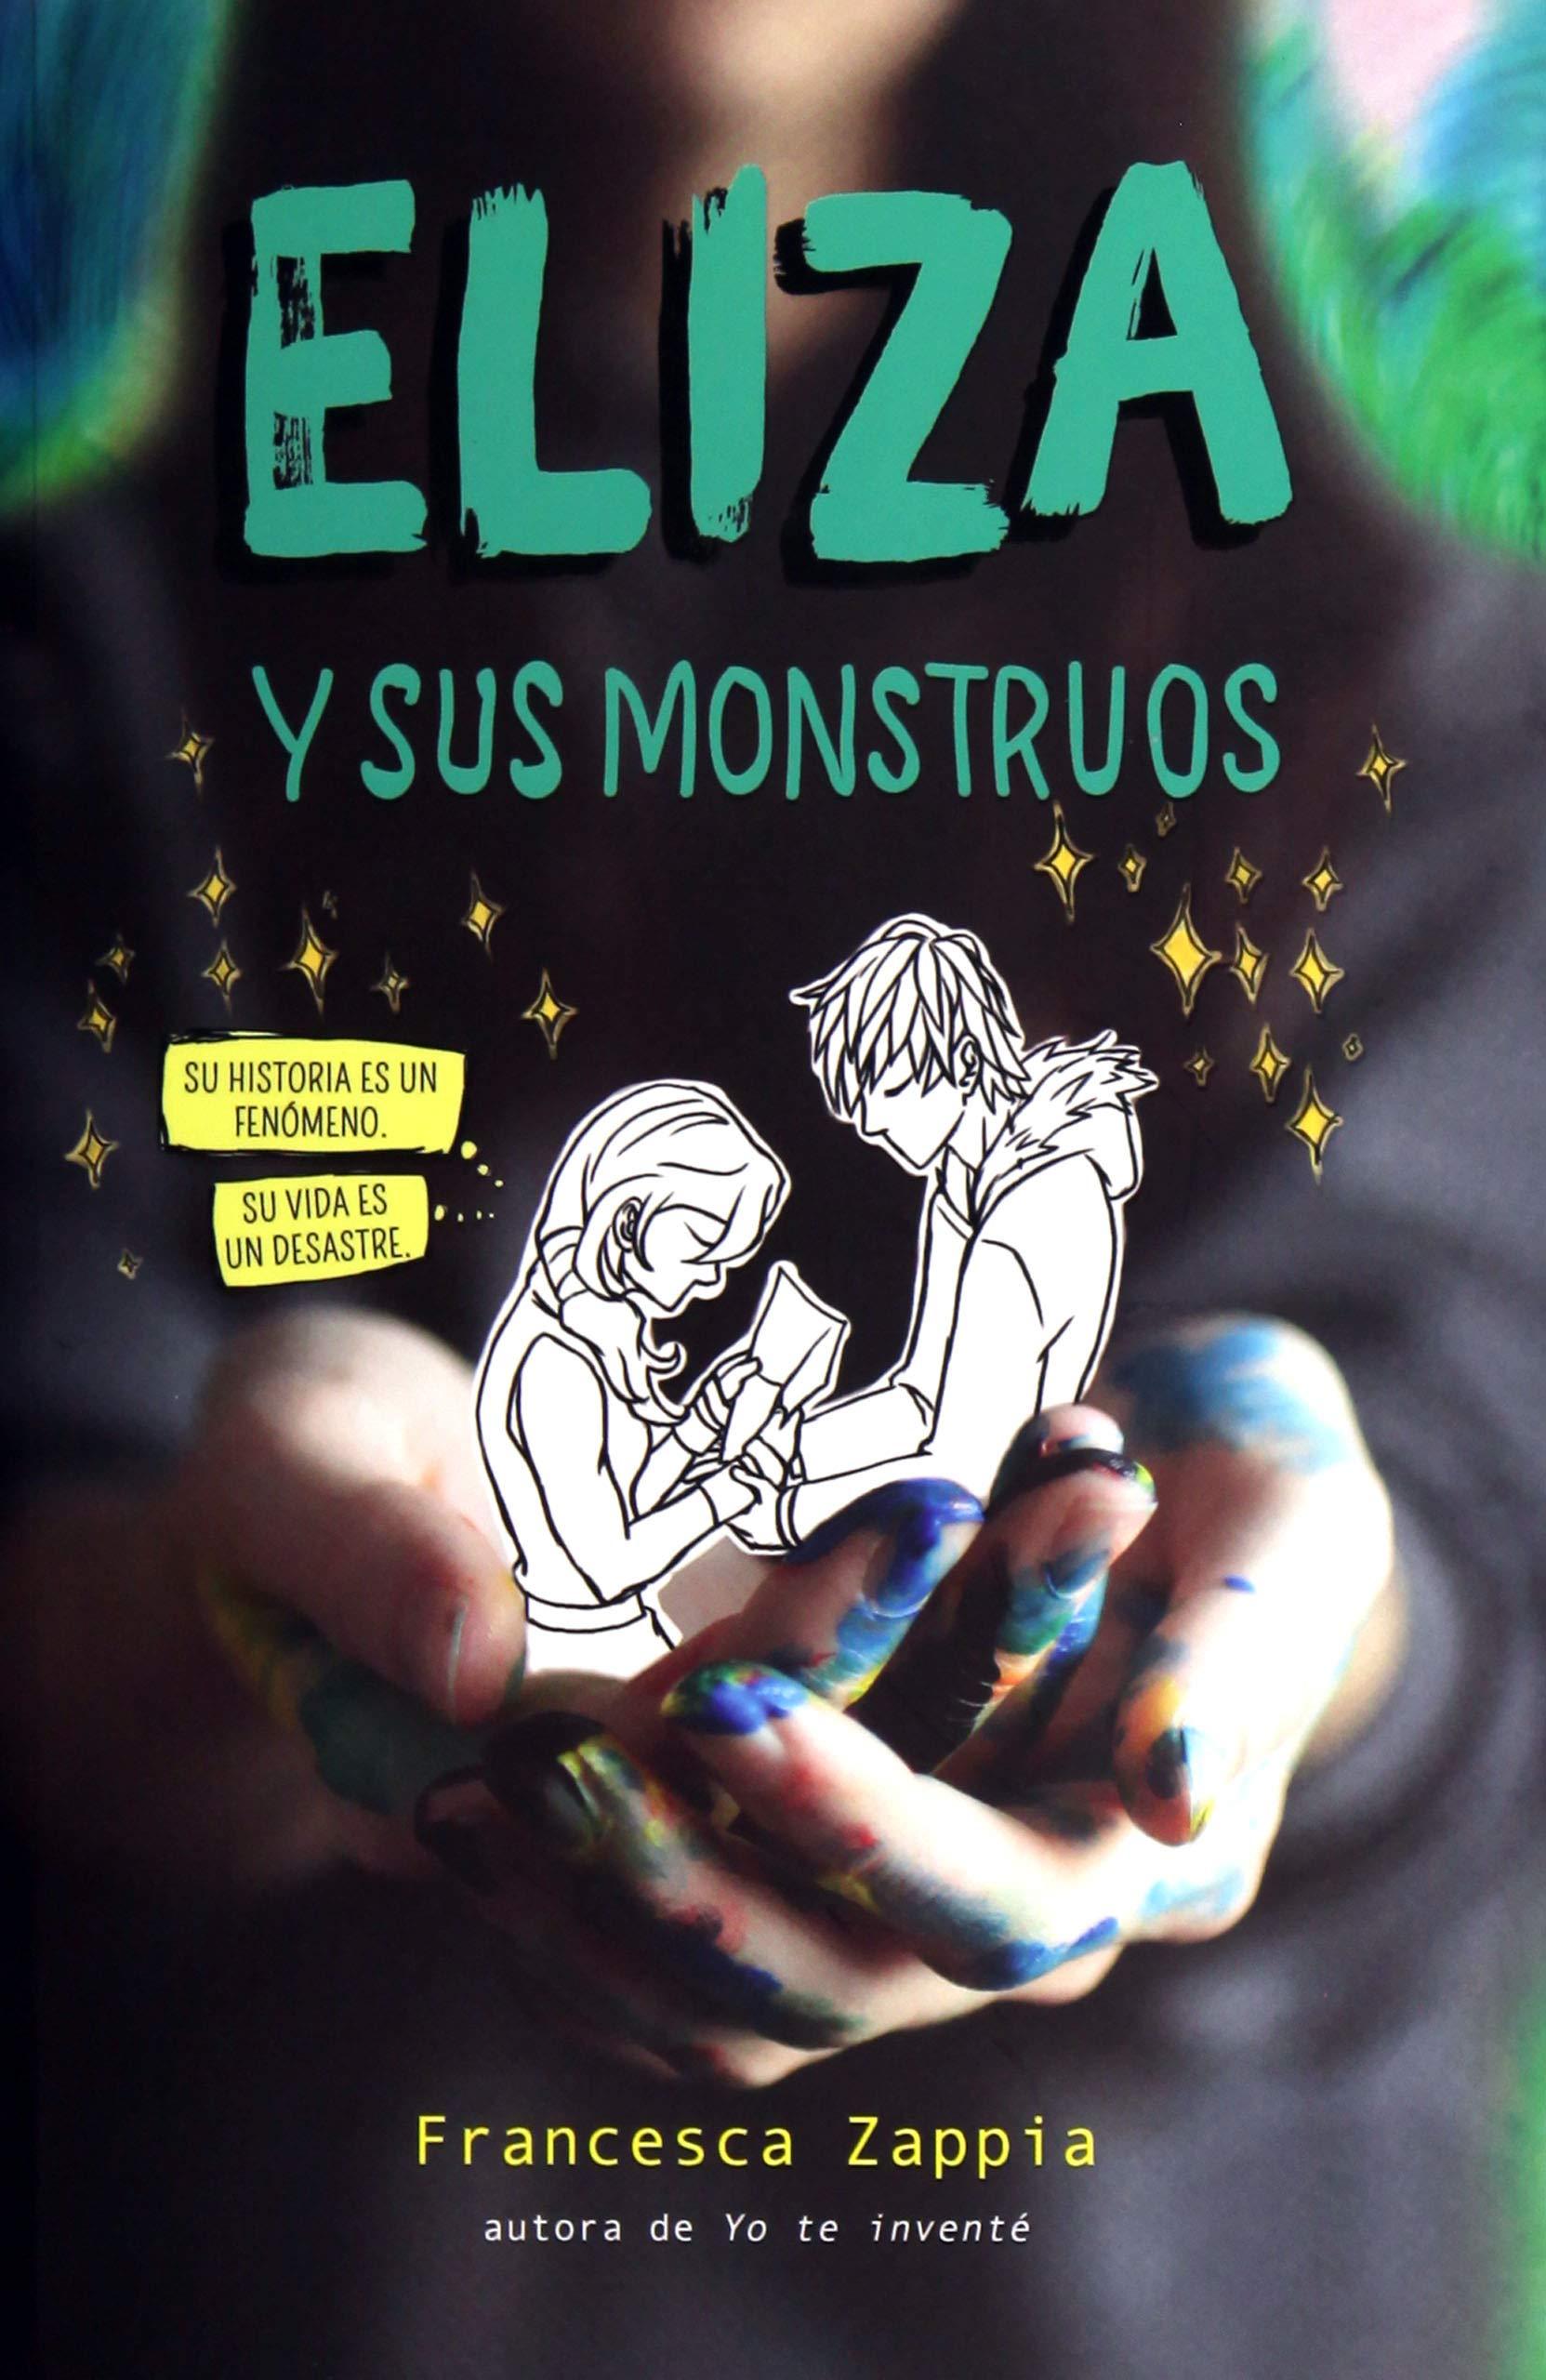 ELIZA Y SUS MONSTRUOS: FRANCESCA ZAPPIA: Amazon.com.mx: Libros